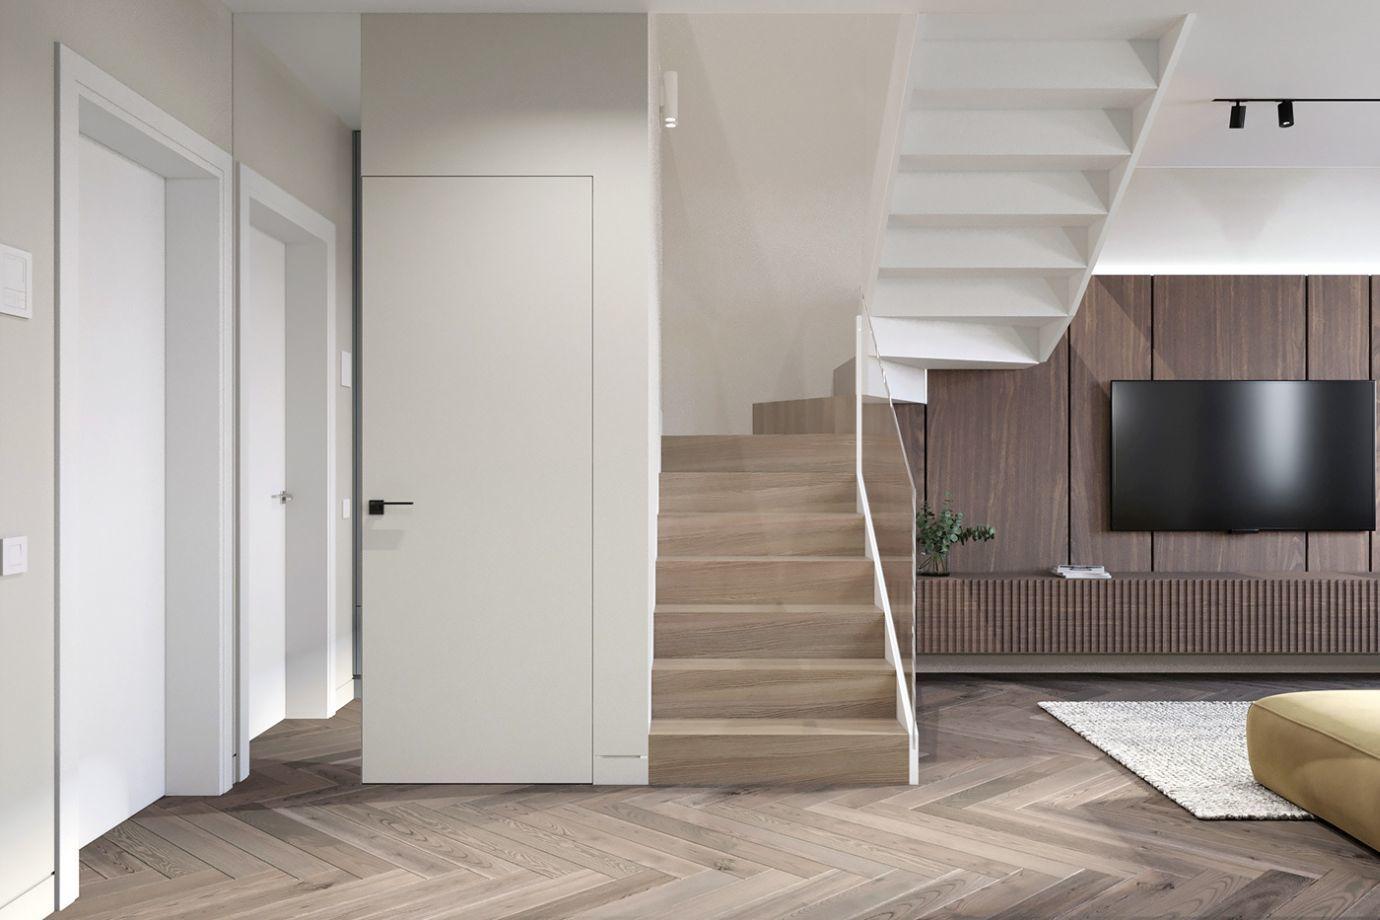 Kényelmes lépcső vezet az emeletre